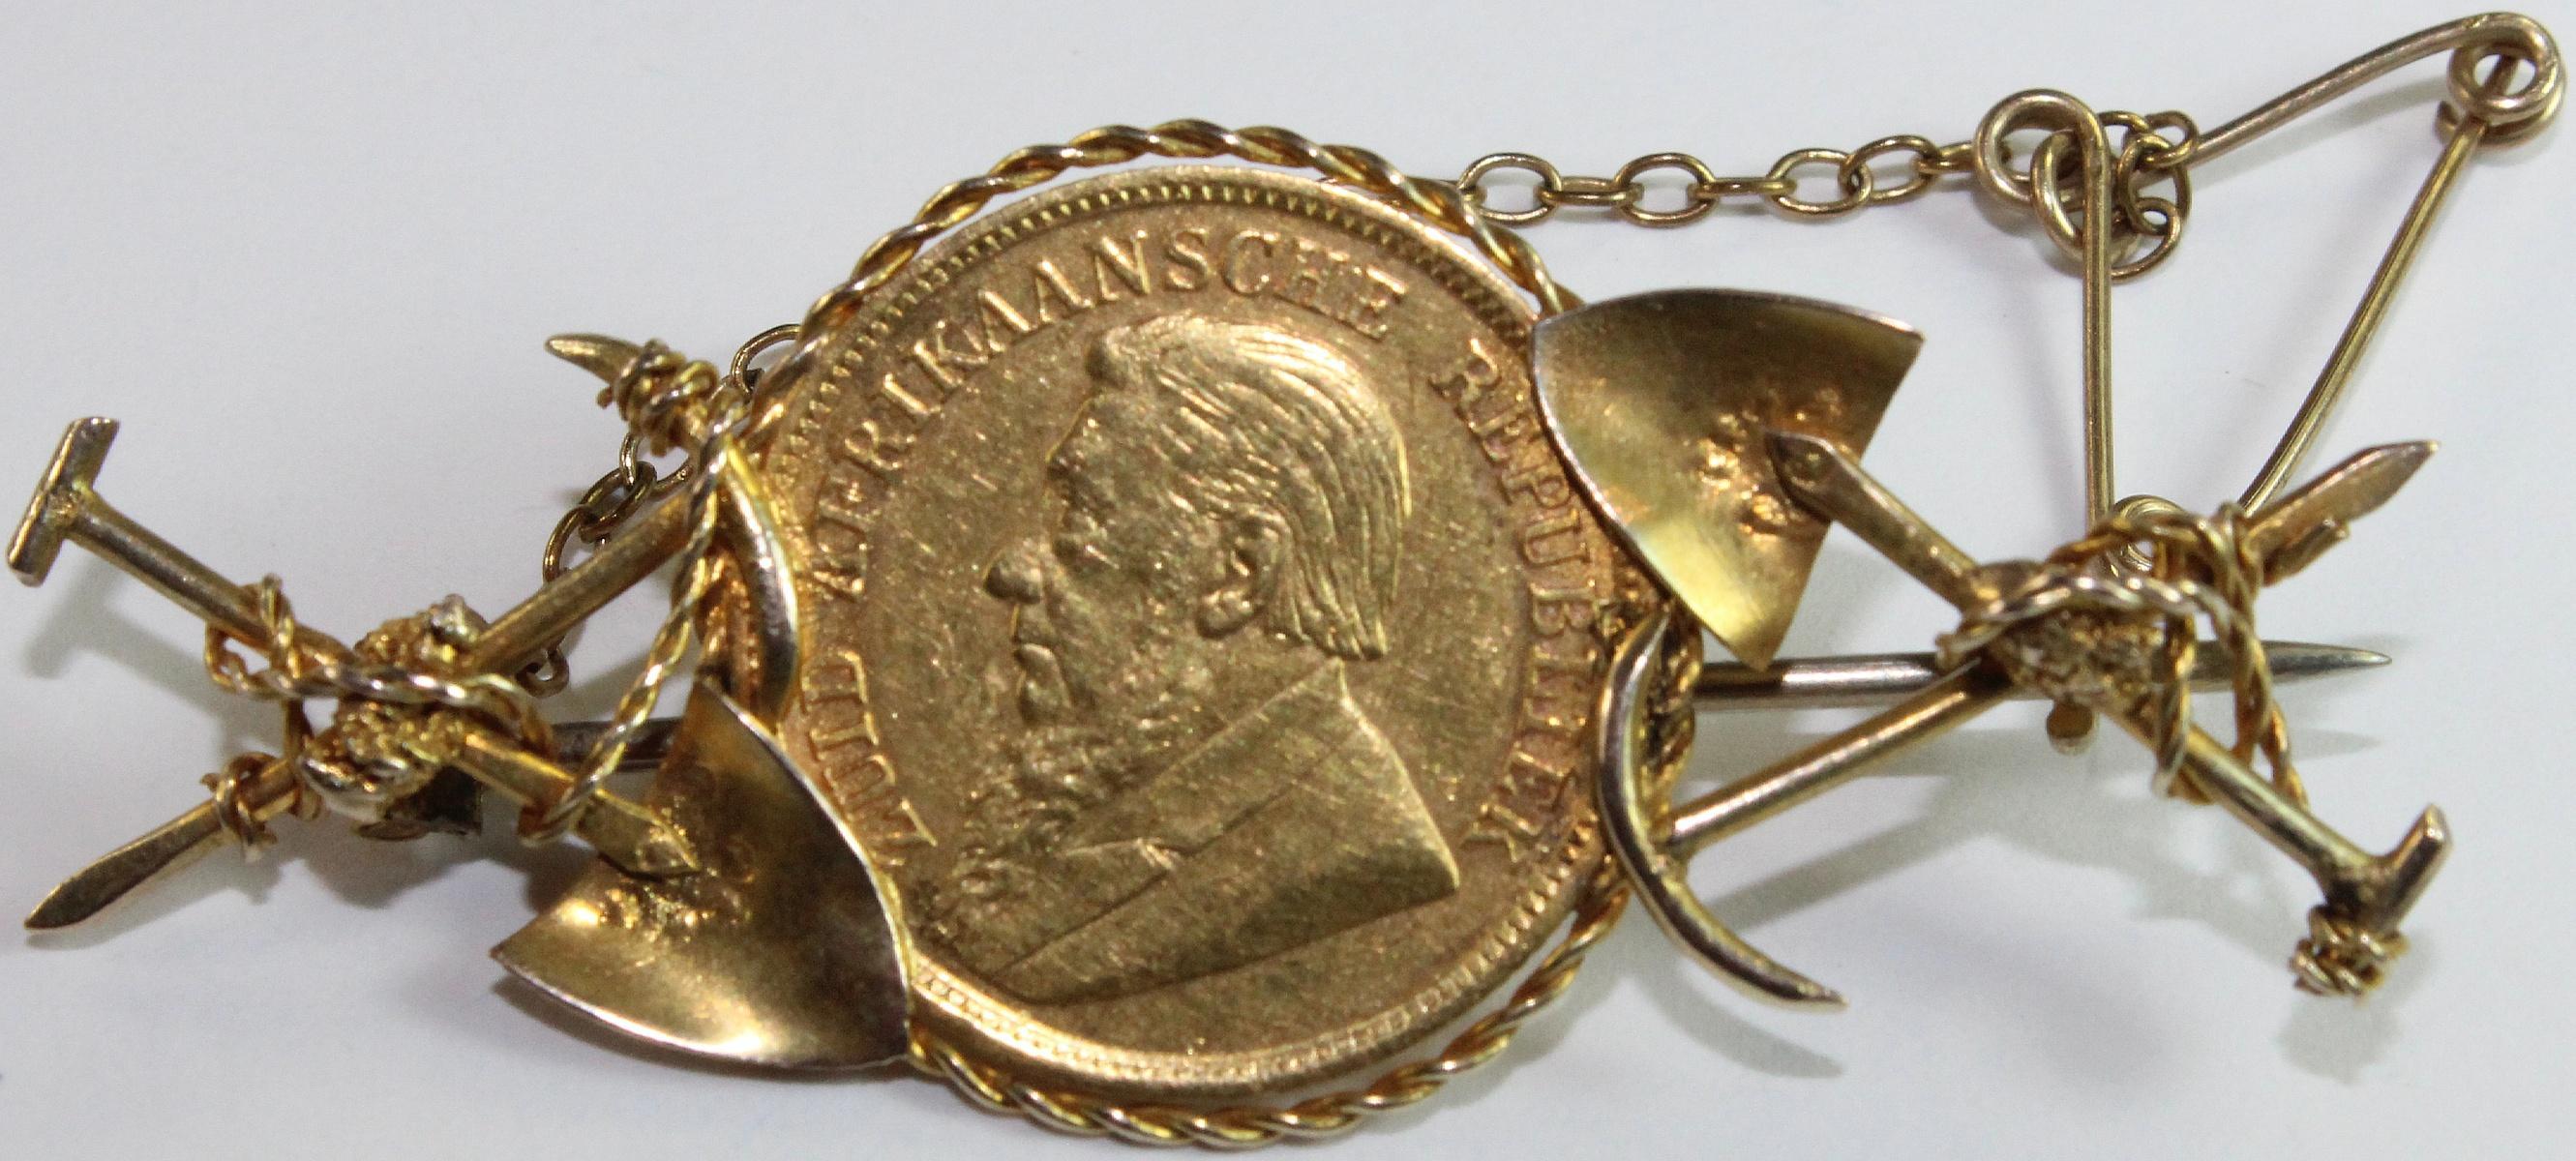 Antique Gold Miner's Brooch circa 1890s